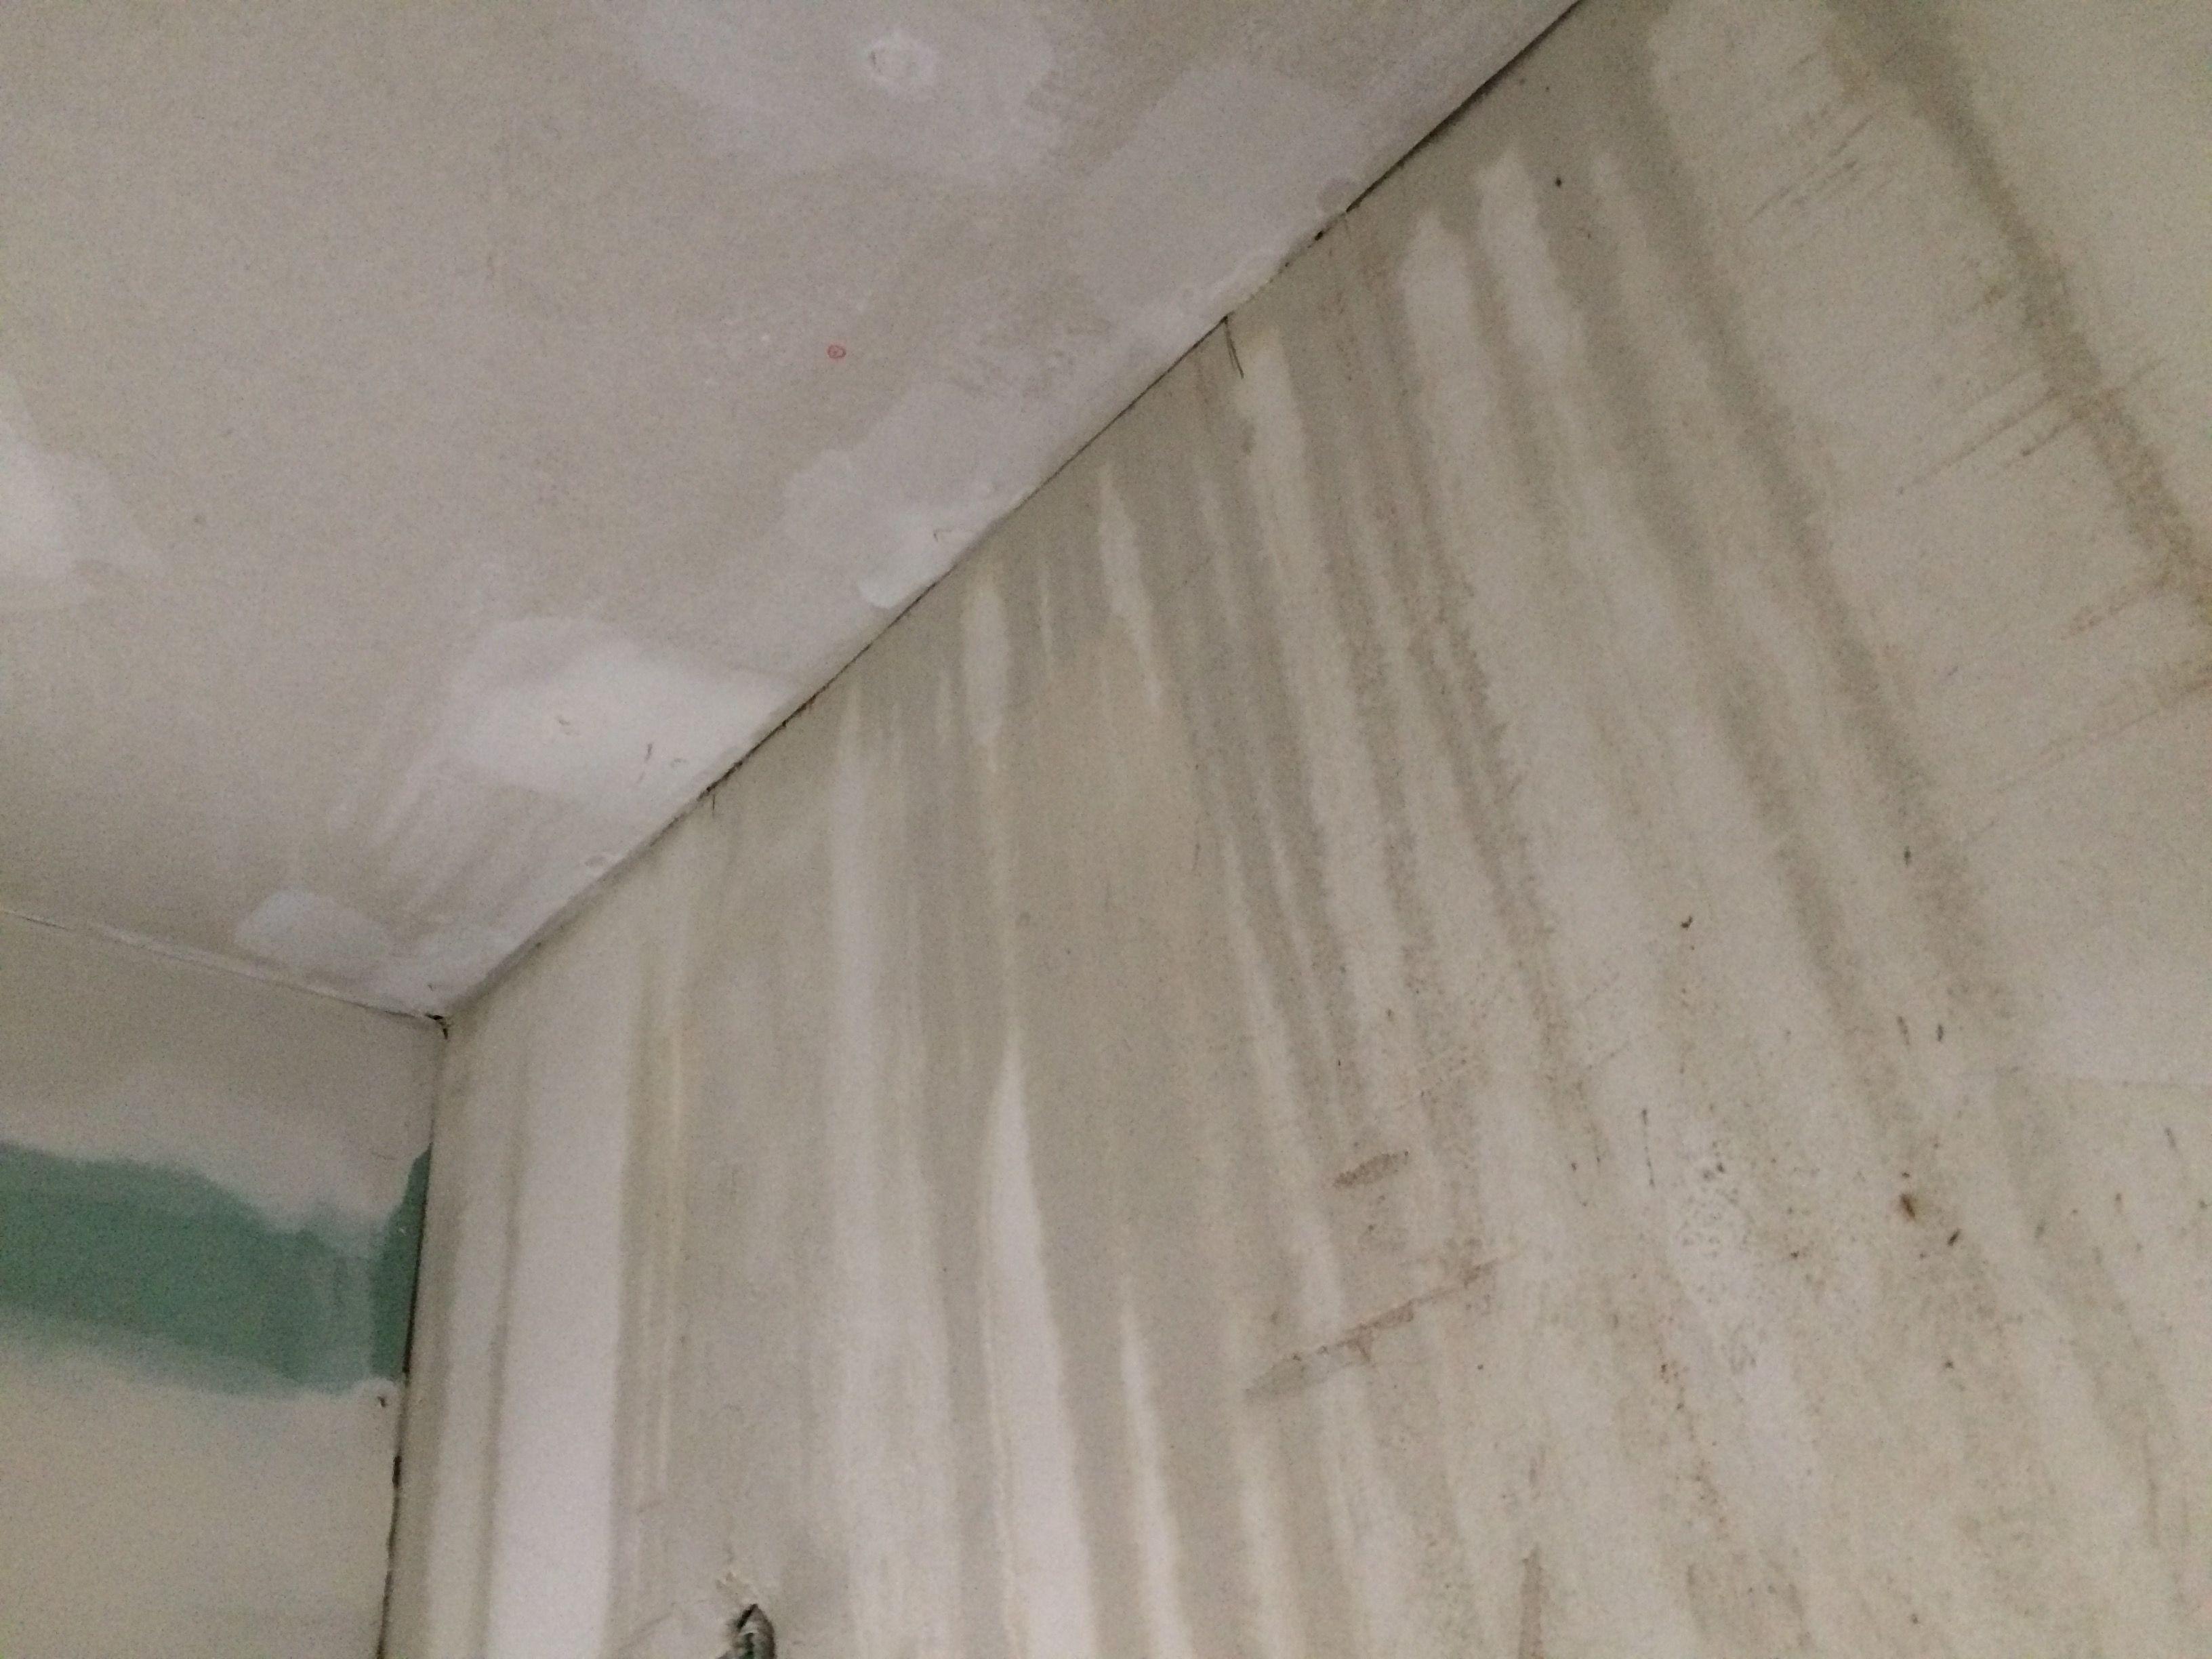 Houtenvloer en gyprocplafond drogen na waterlek lekdetectie delex